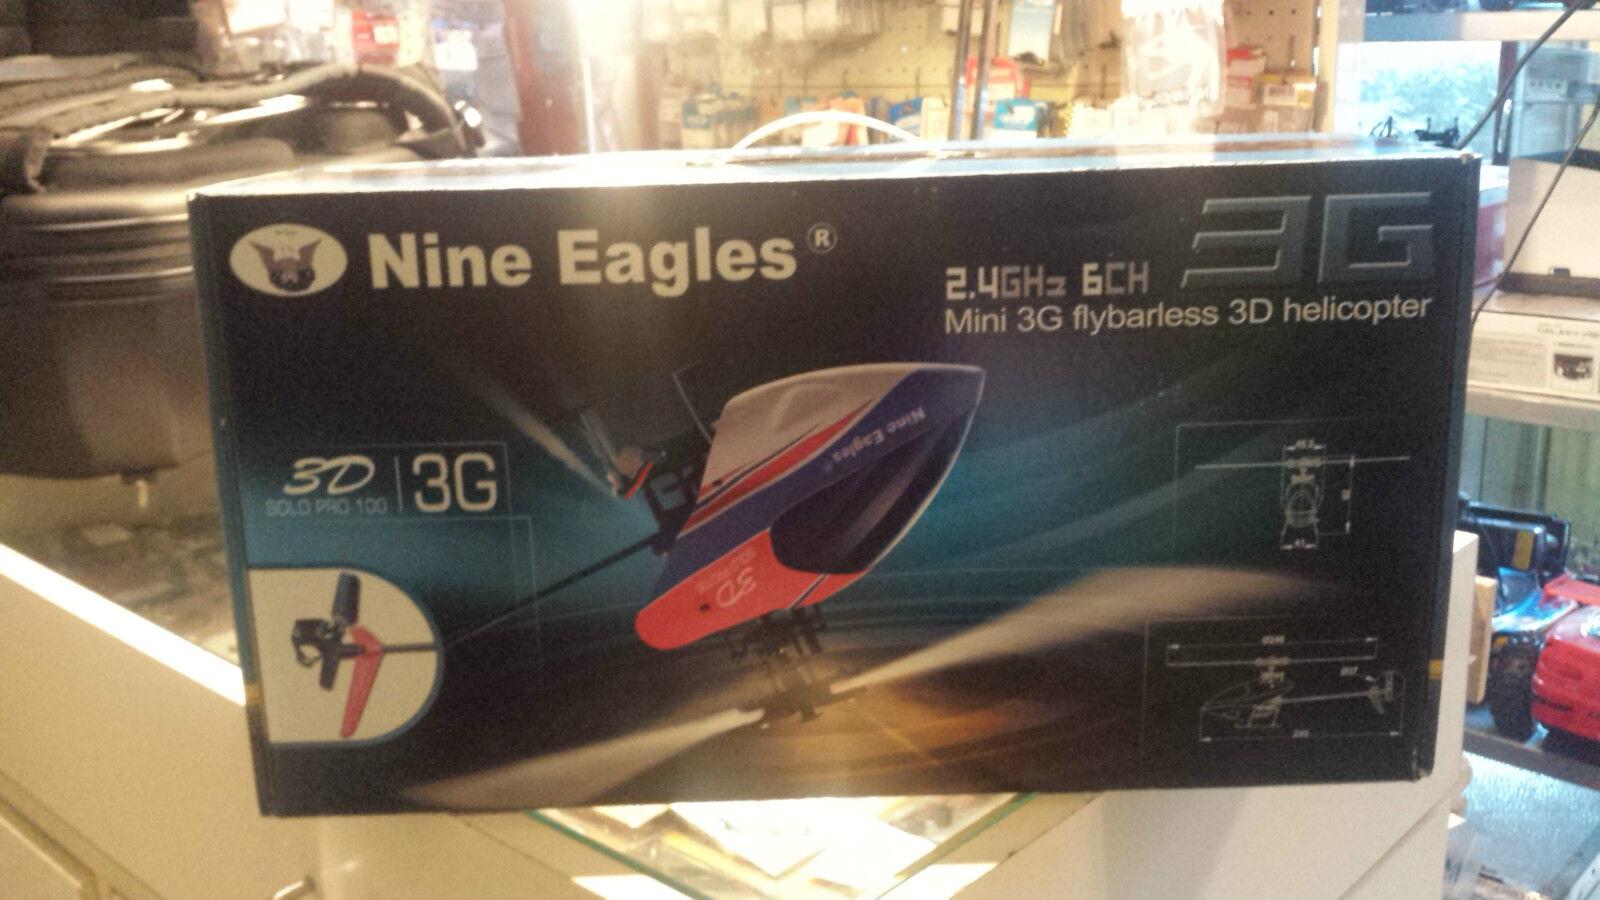 Achats de de de Noël Nine Eagles Solo PRO 100 95ab36